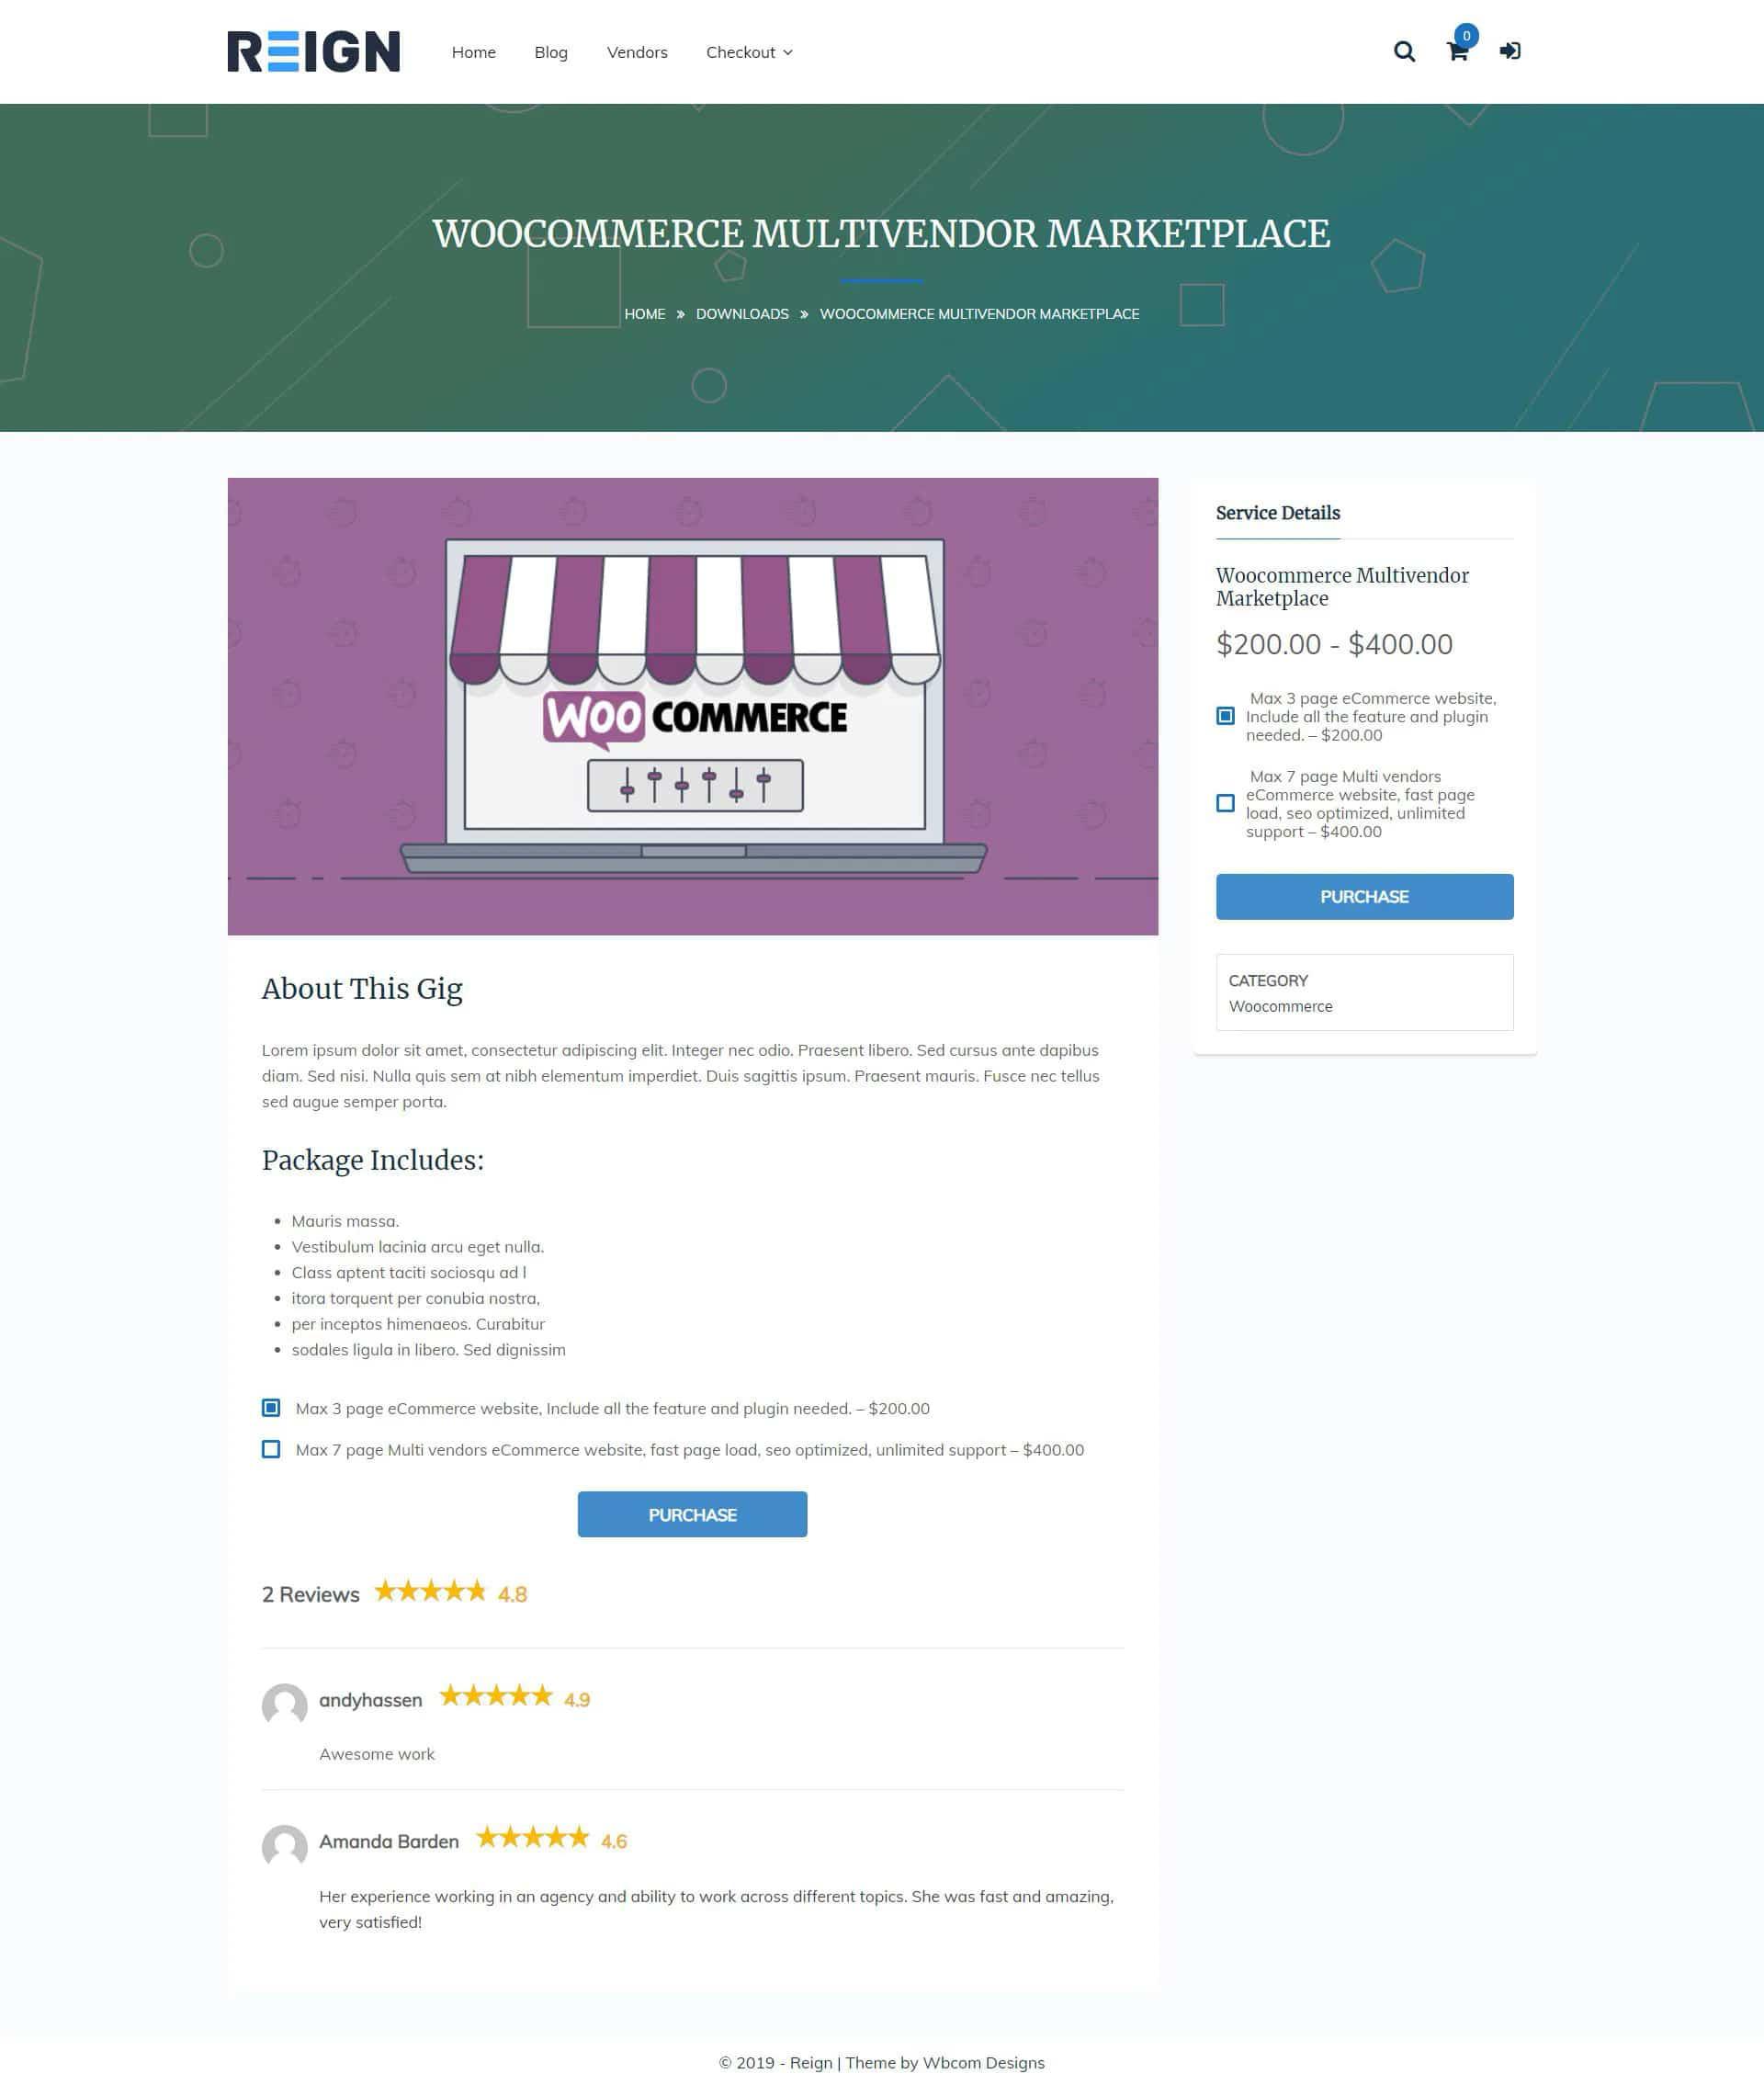 Woocommerce-Multivendor-Marketplace-–-Serviceswb